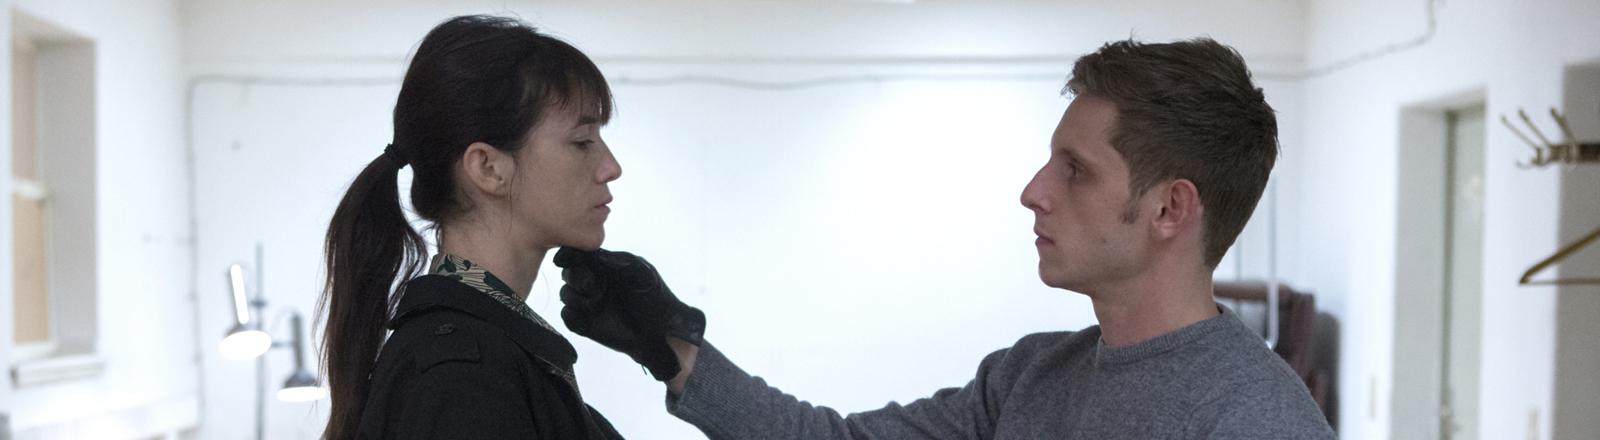 """Charlotte Gainsbourg als Joe und K (Jamie Bell) in einer Szene des Kinofilms """"Nymph()maniac 2"""""""